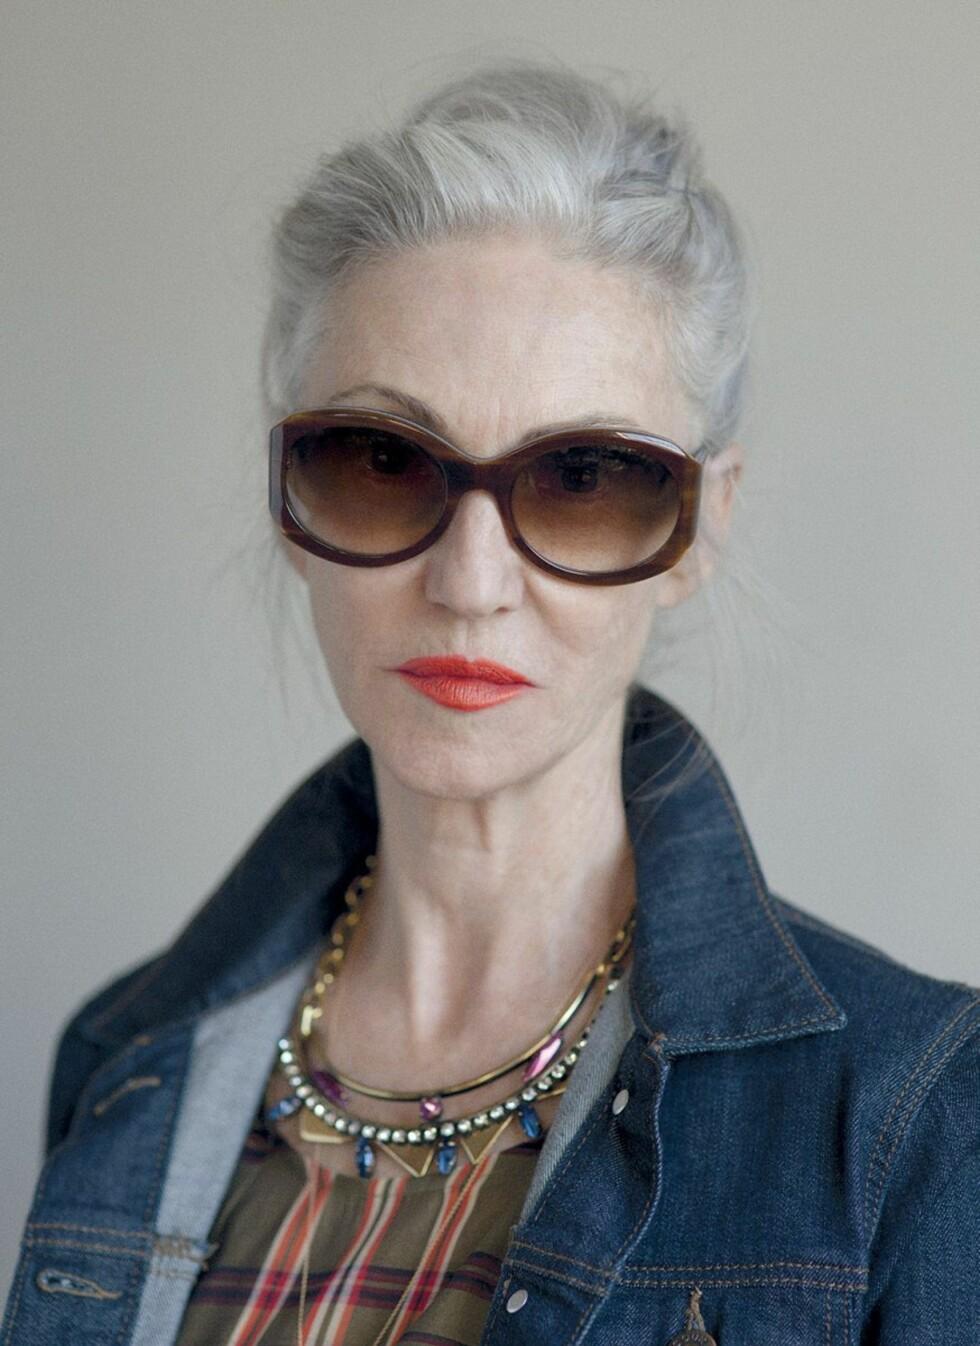 LINDA RODIN (68): Motestylist, modell og hudpleieguru. Olsen-tvillingene valgte Linda som modell for sin motekampanje i 2014. Hun startet modellkarrieren på 60-tallet. Kjent for oversized-solbriller, sølvgrått hår og knallrød leppestift. Sitt eget råd til seg selv som 15-åring: - Du er mer interessant enn du tror! Omfavn deg selv. Foto: Faksimile Grey Magazine